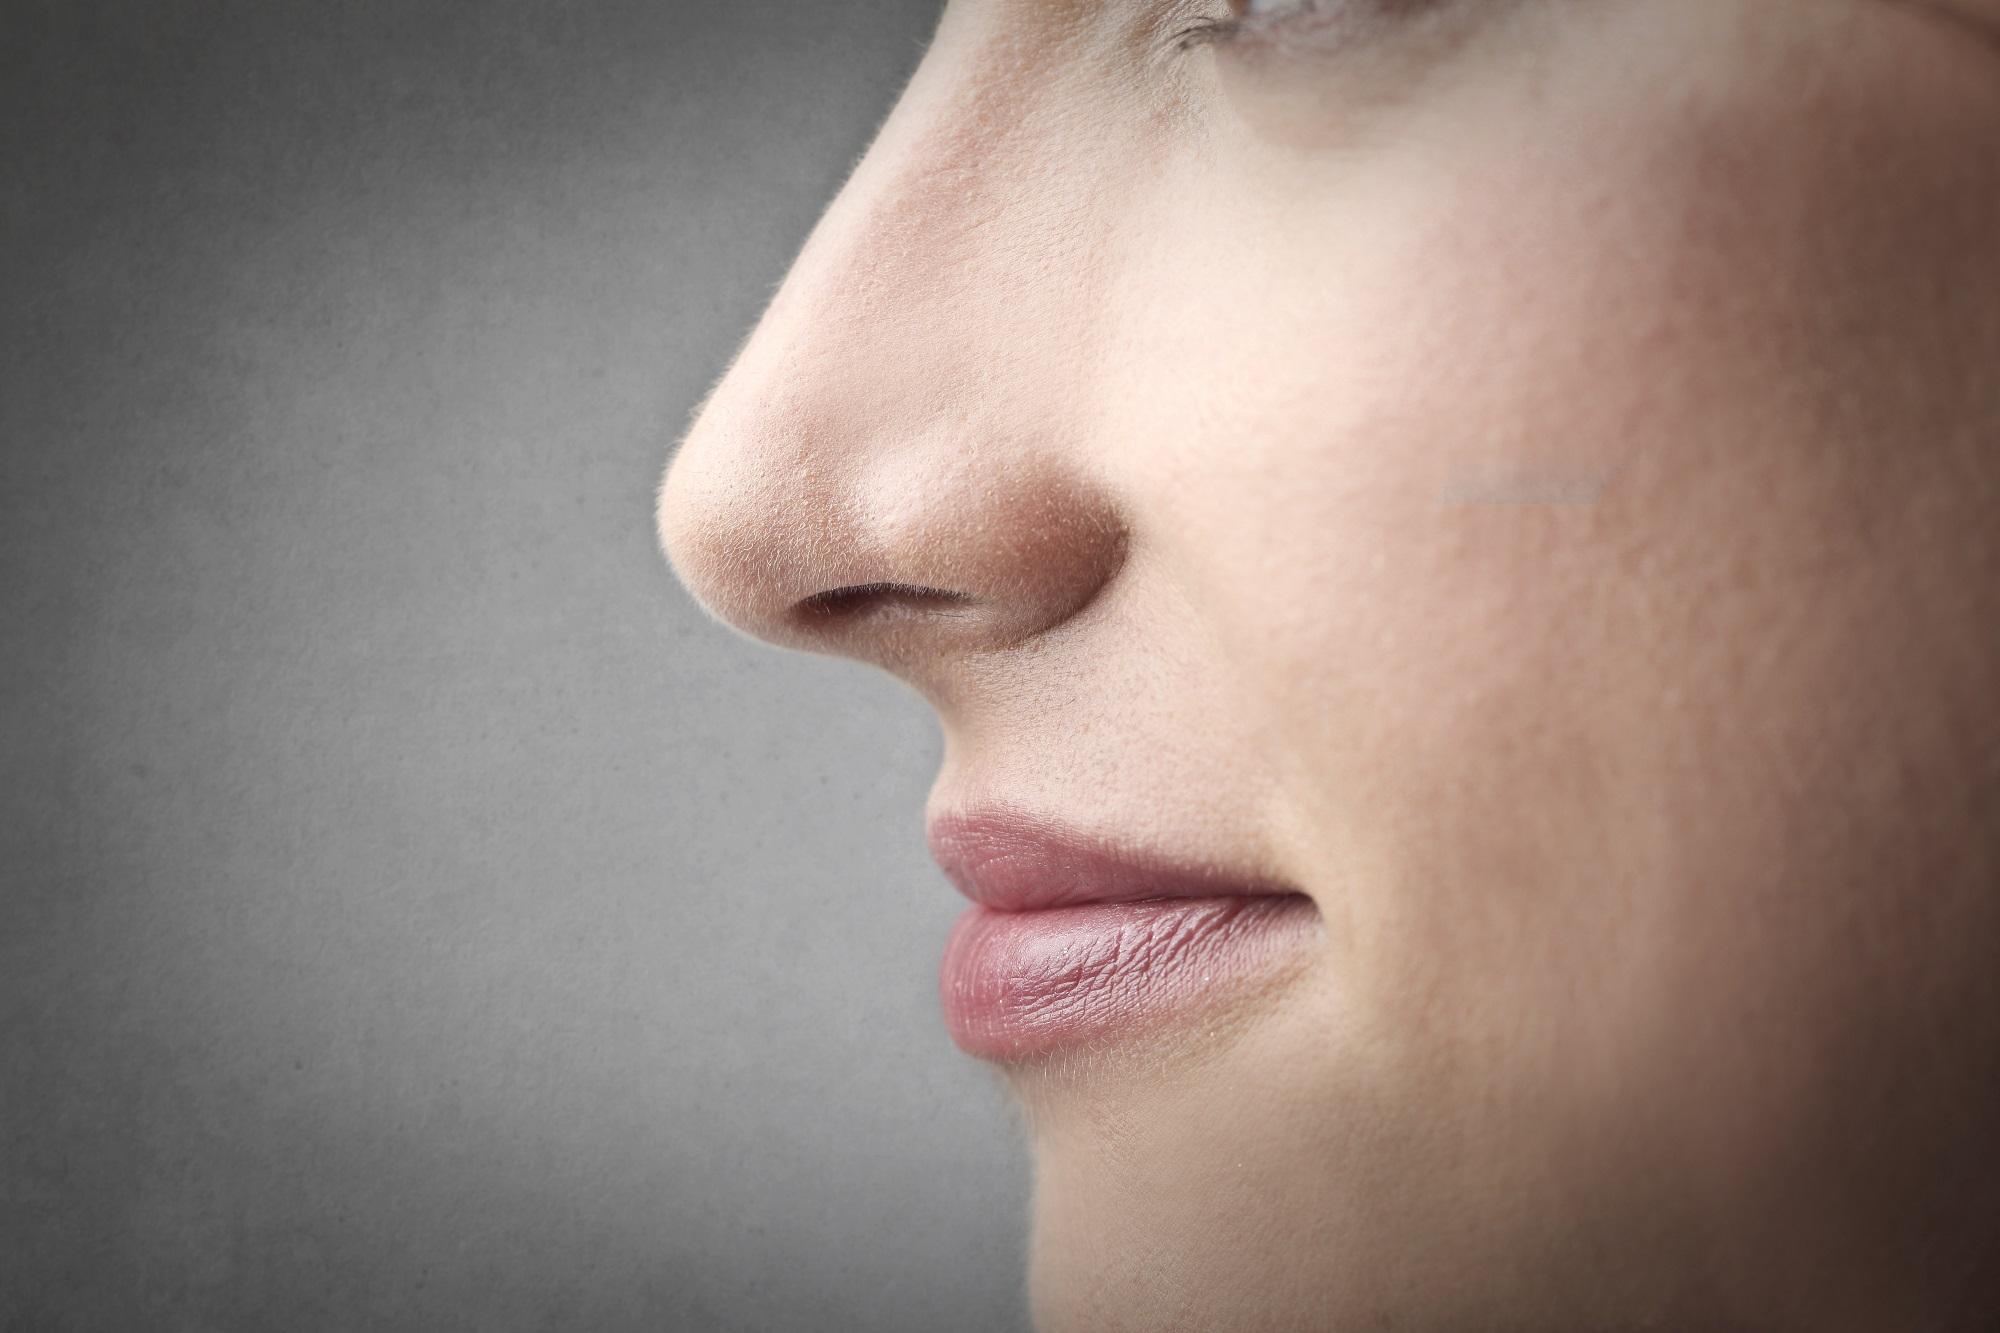 Rinoseptoplastia es la combinación de varios objetivos quirurgicos.